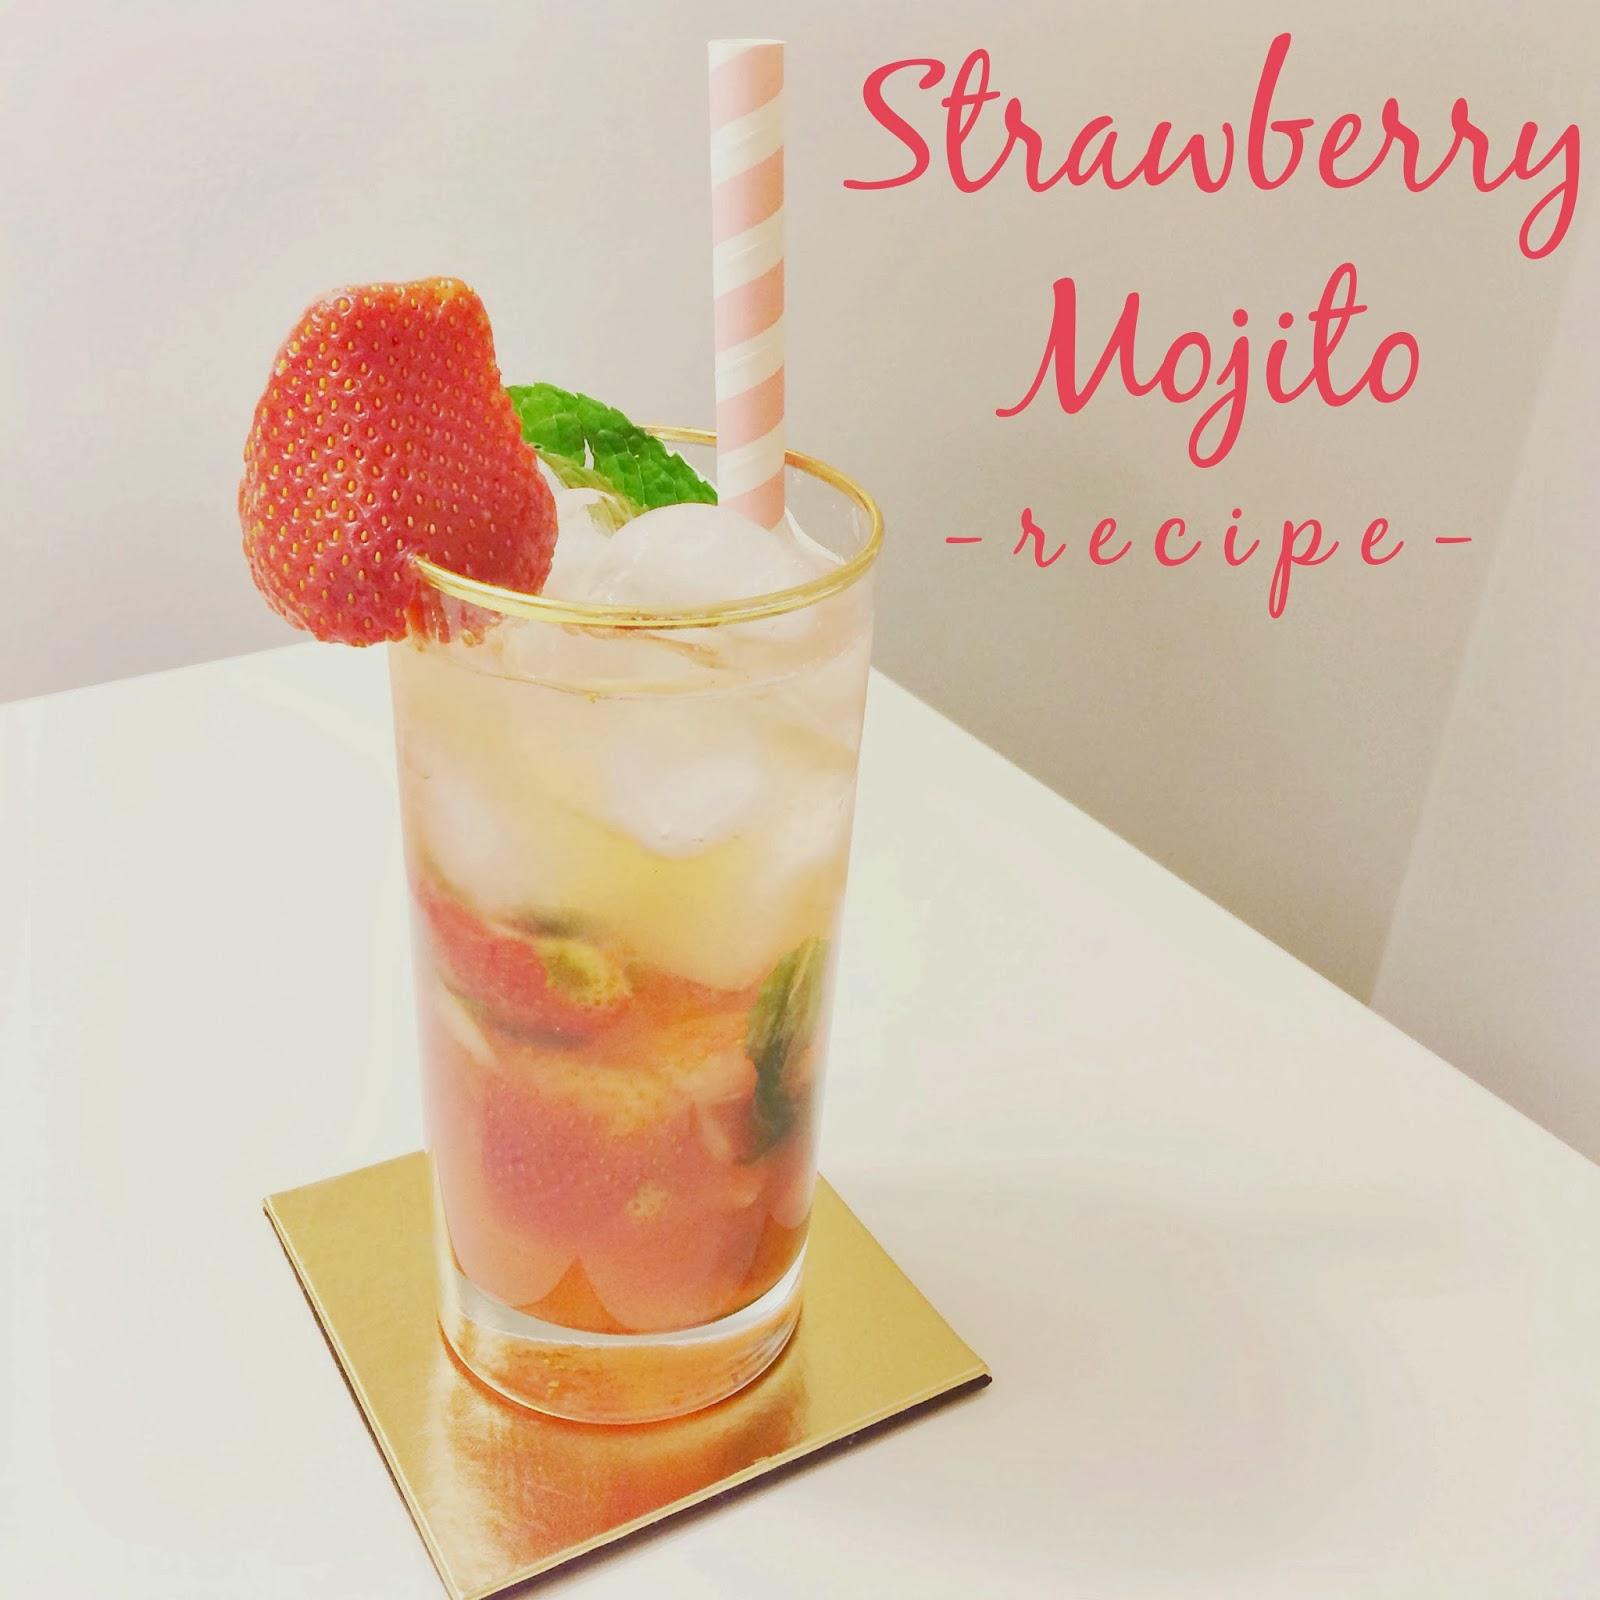 homemade strawberry mojito recipe